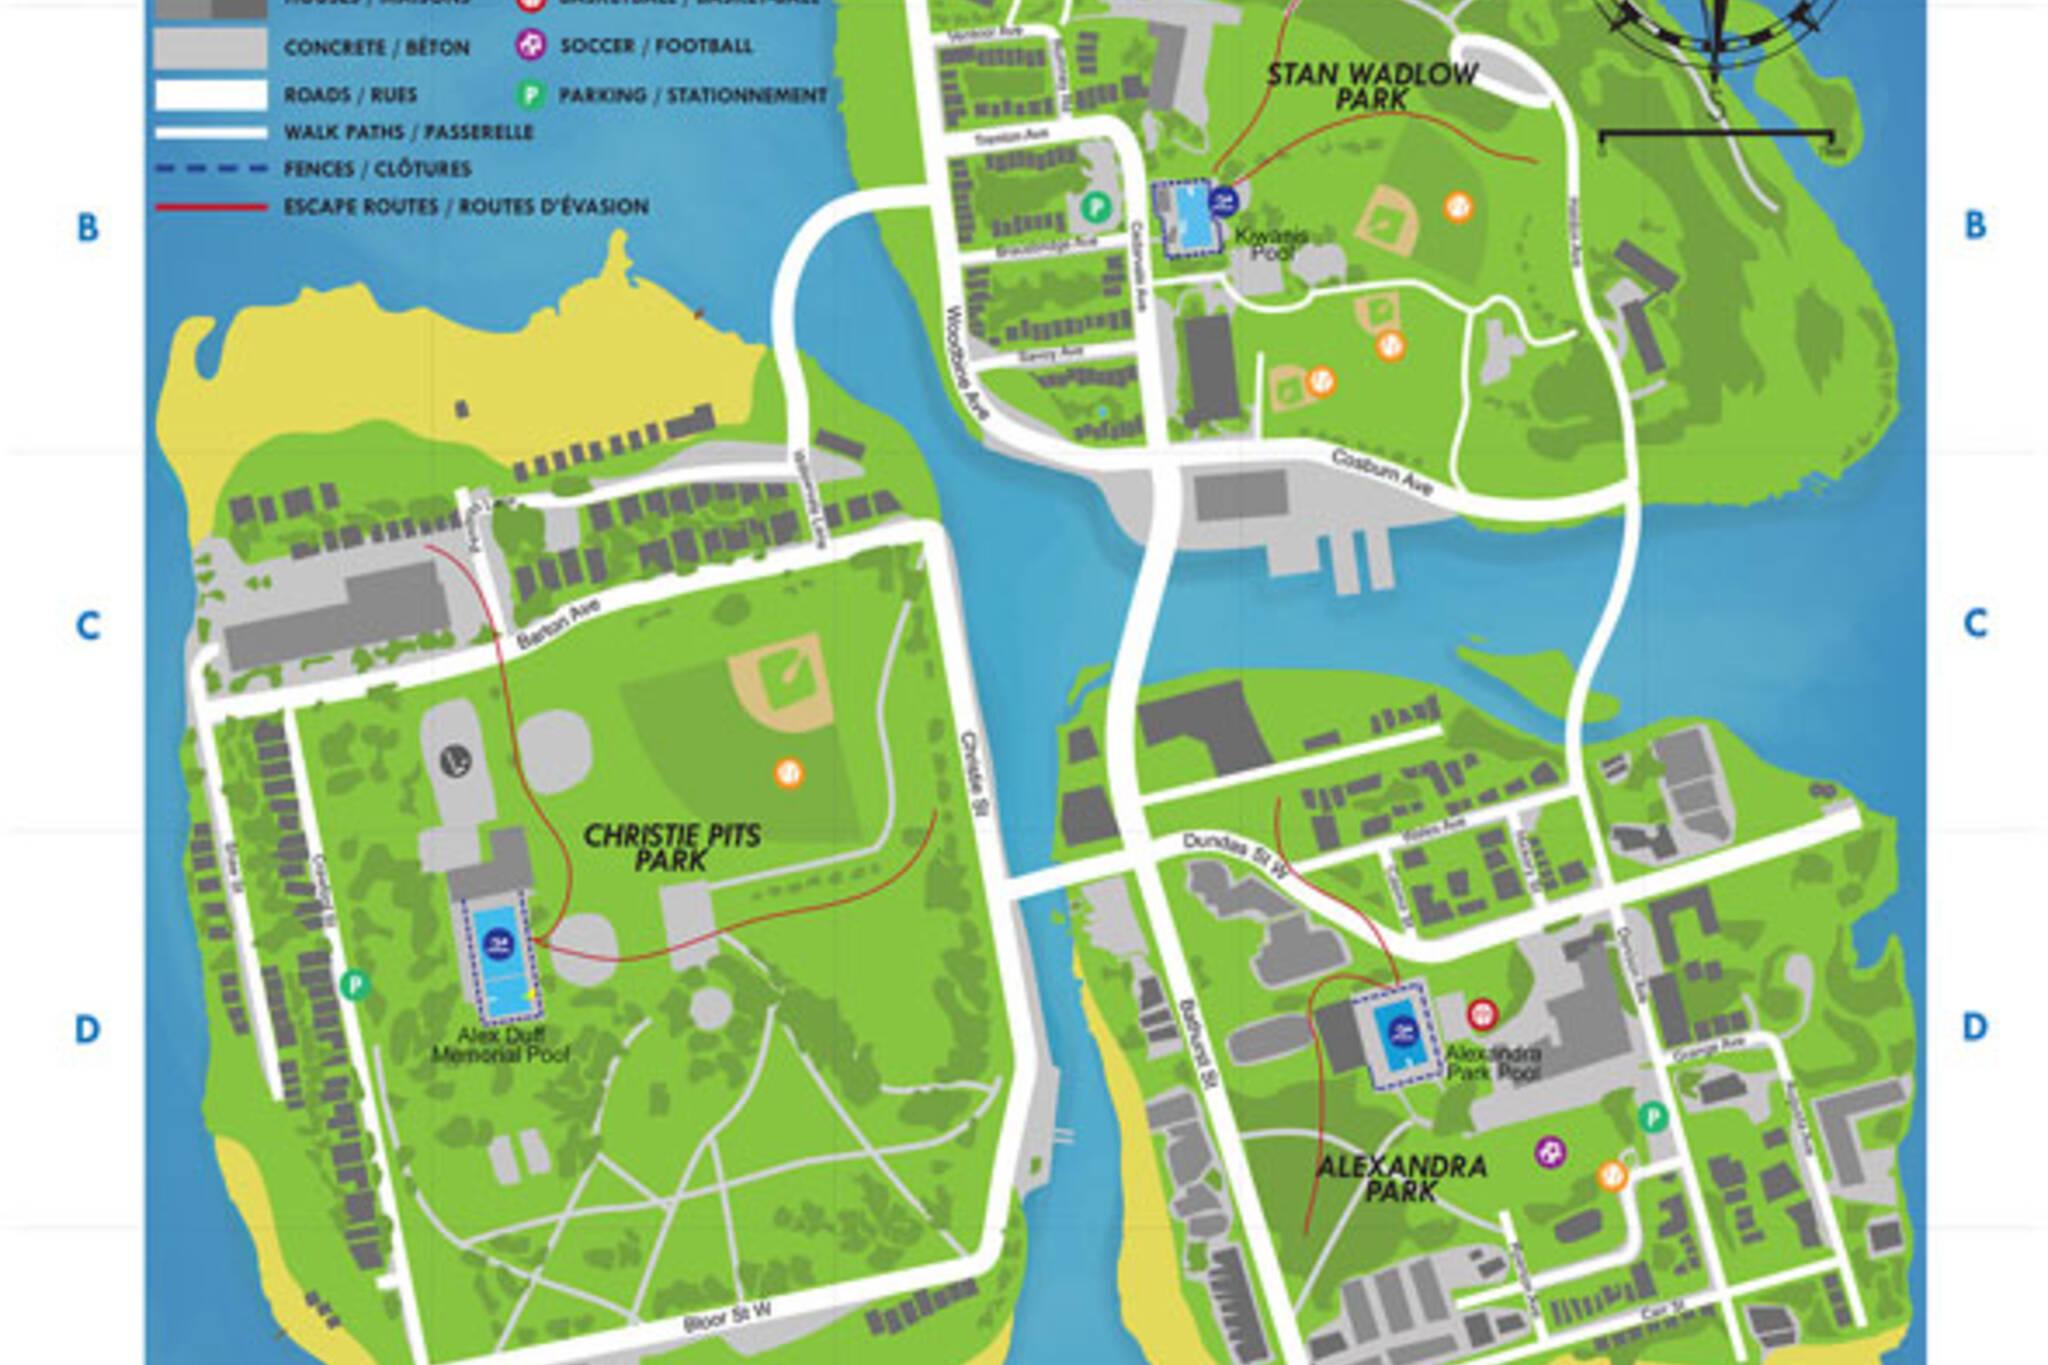 toronto pool hopping map